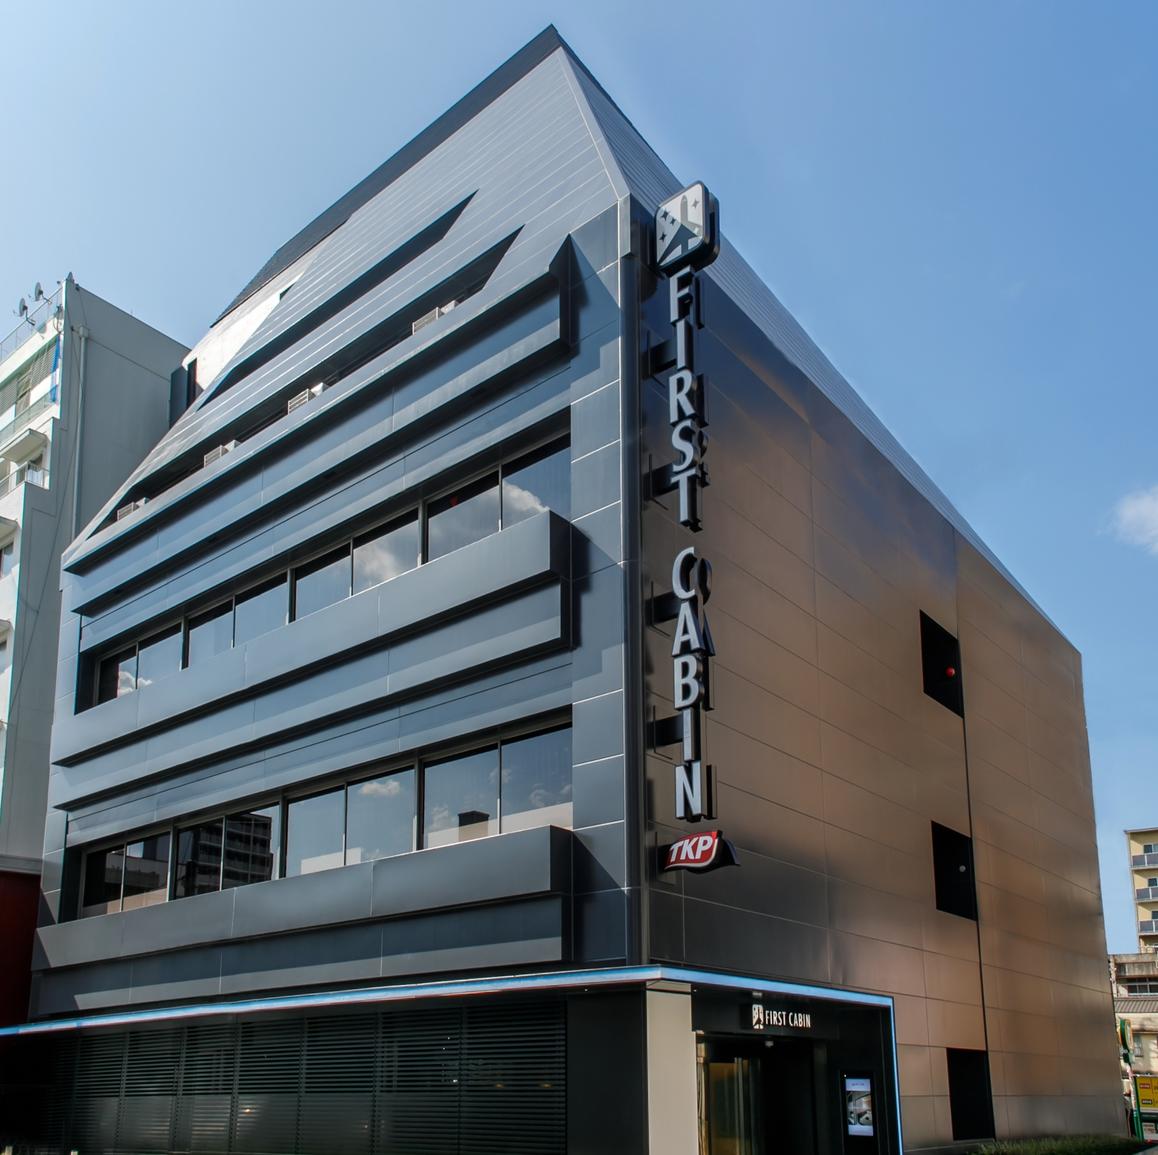 ファースト キャビン TKP 名古屋駅◆楽天トラベル